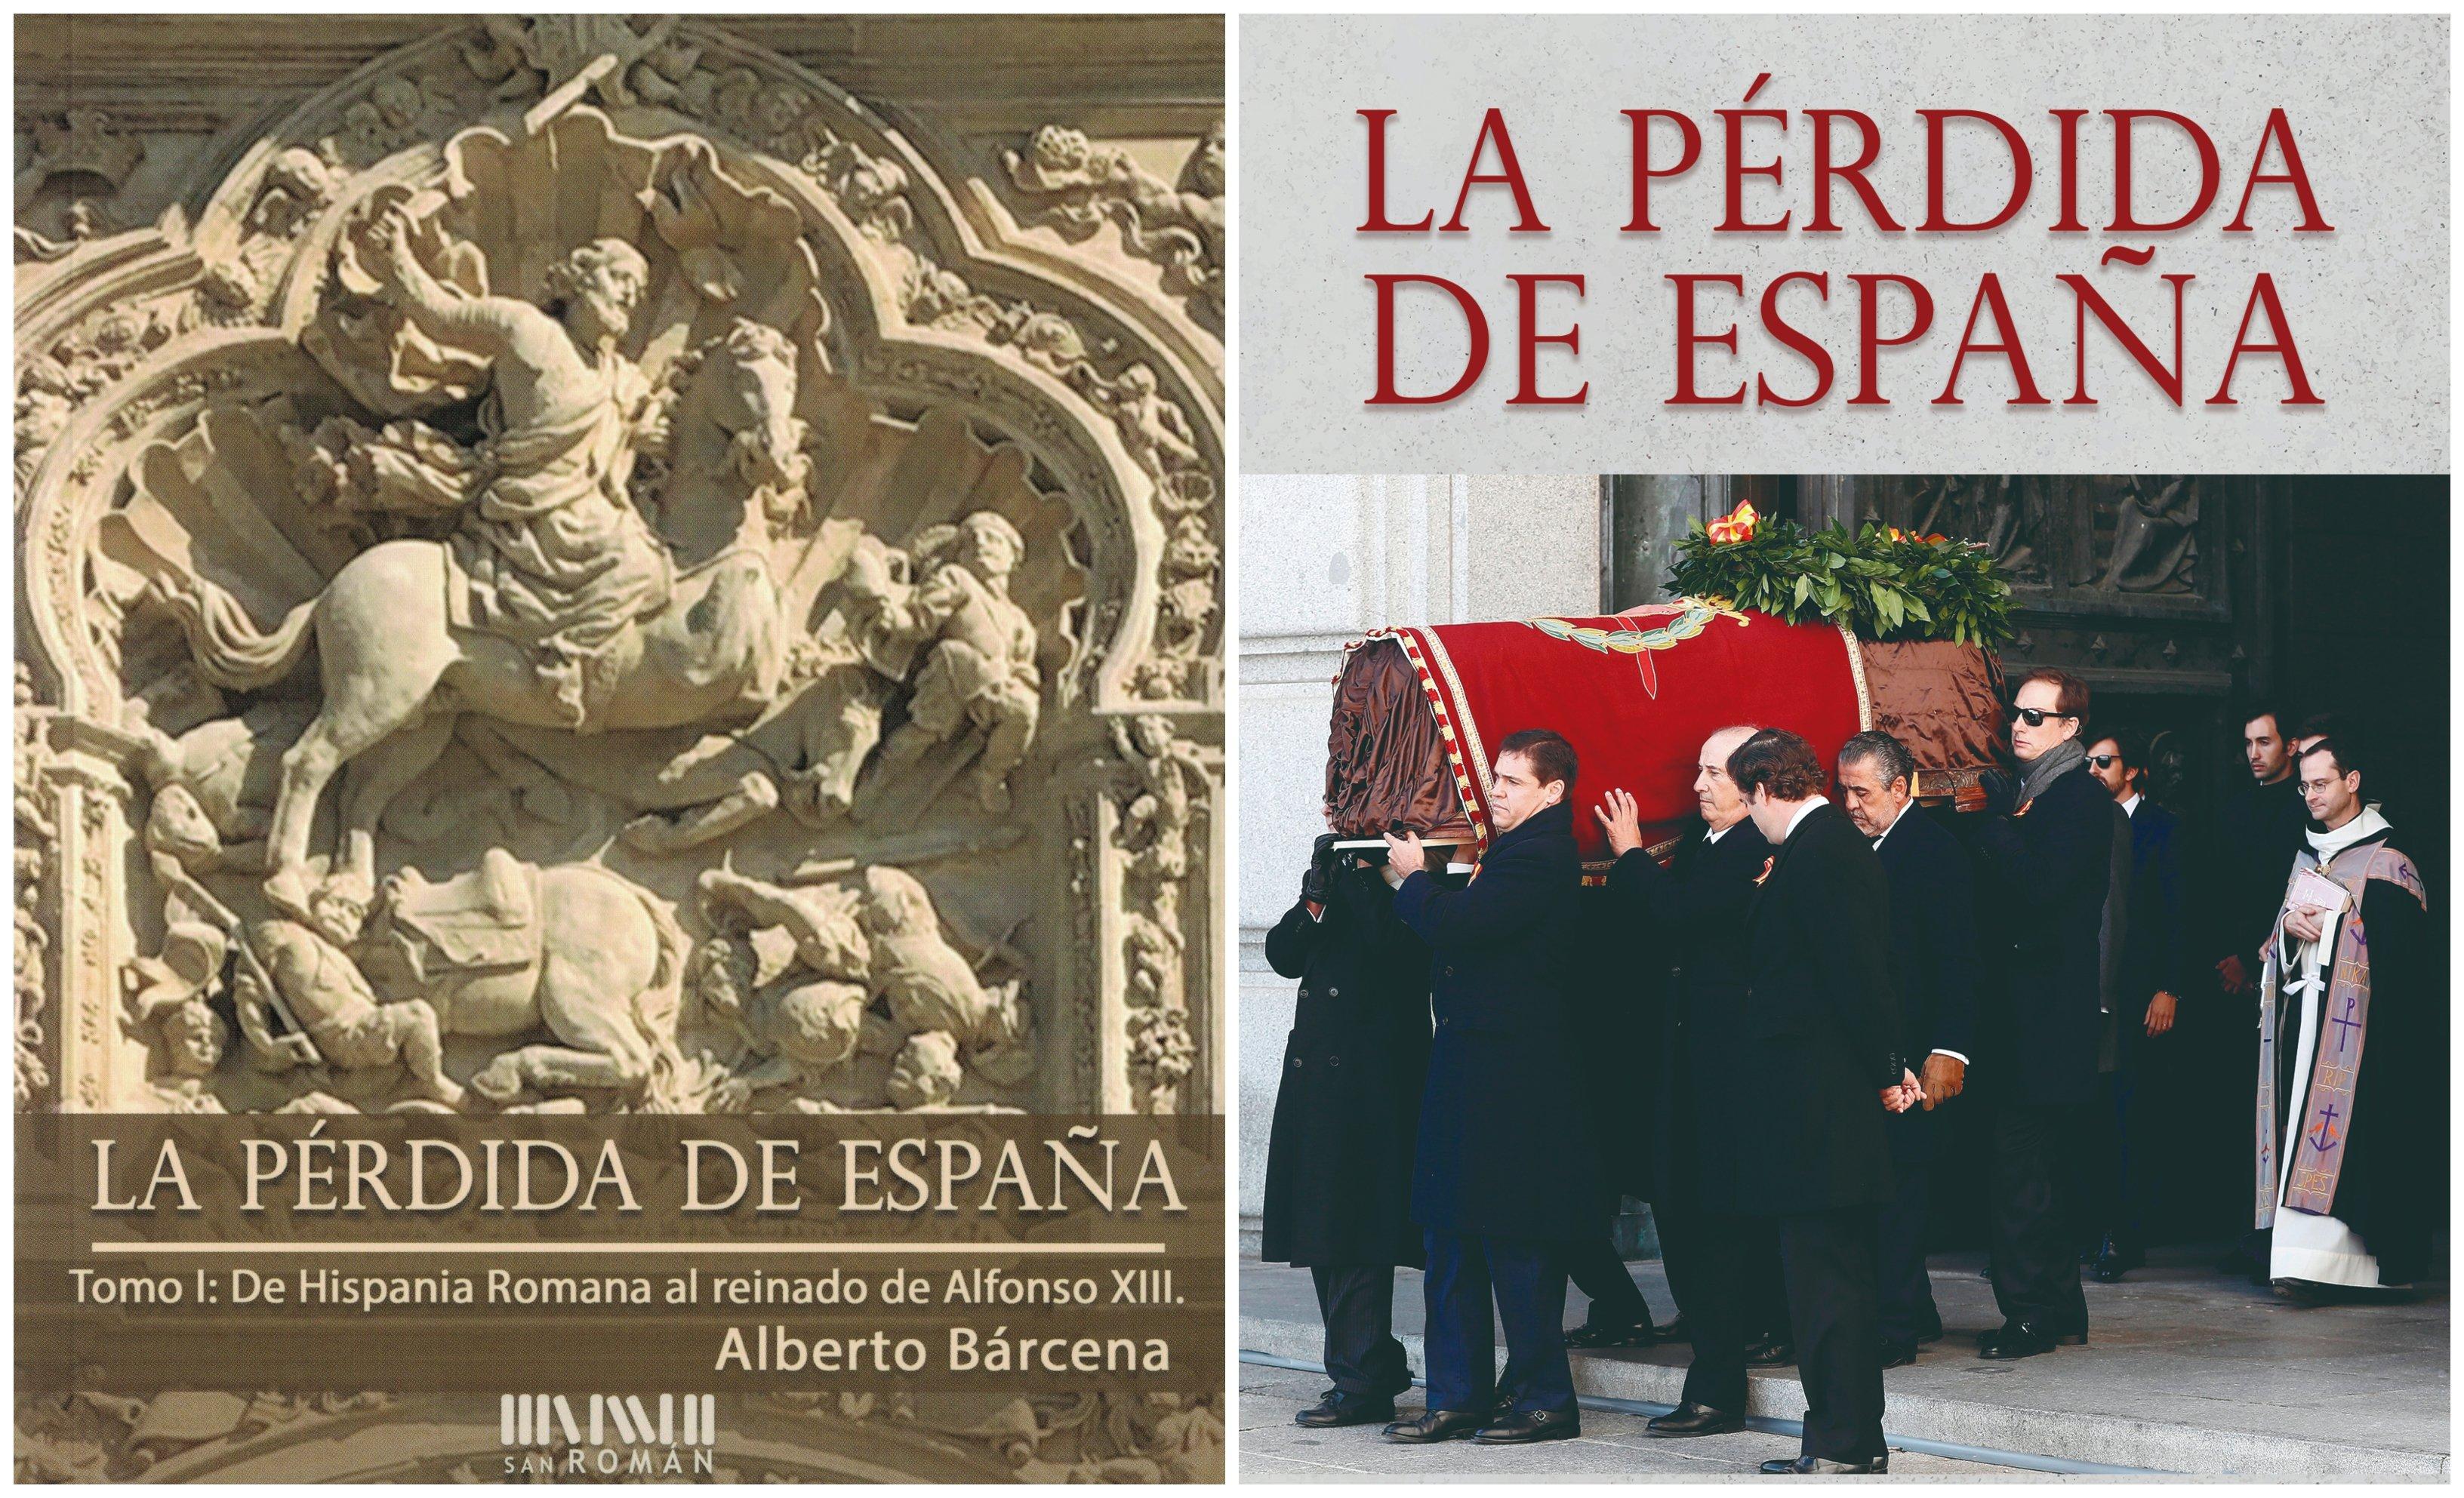 'La pérdida de España', de obligatoria lectura para enterarse de algo